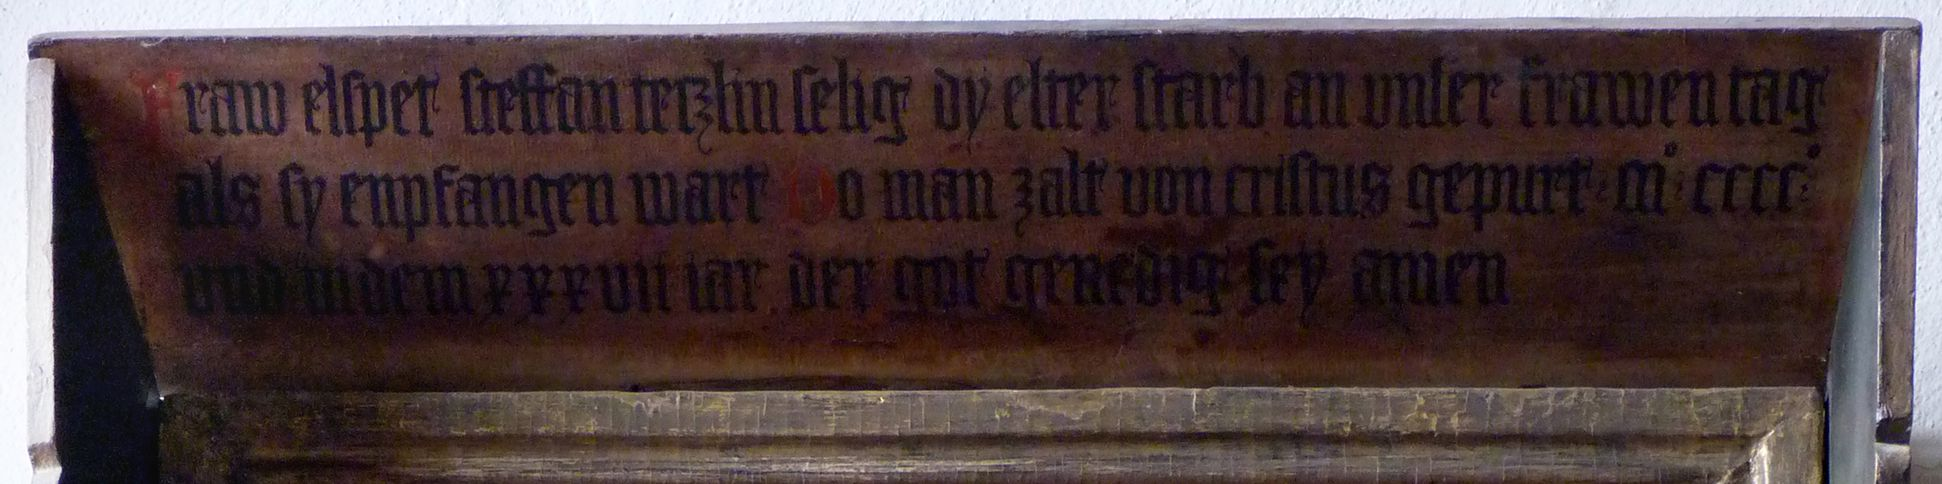 Epitaph der Elsbeth Waldstromer Vordach mit Inschrift